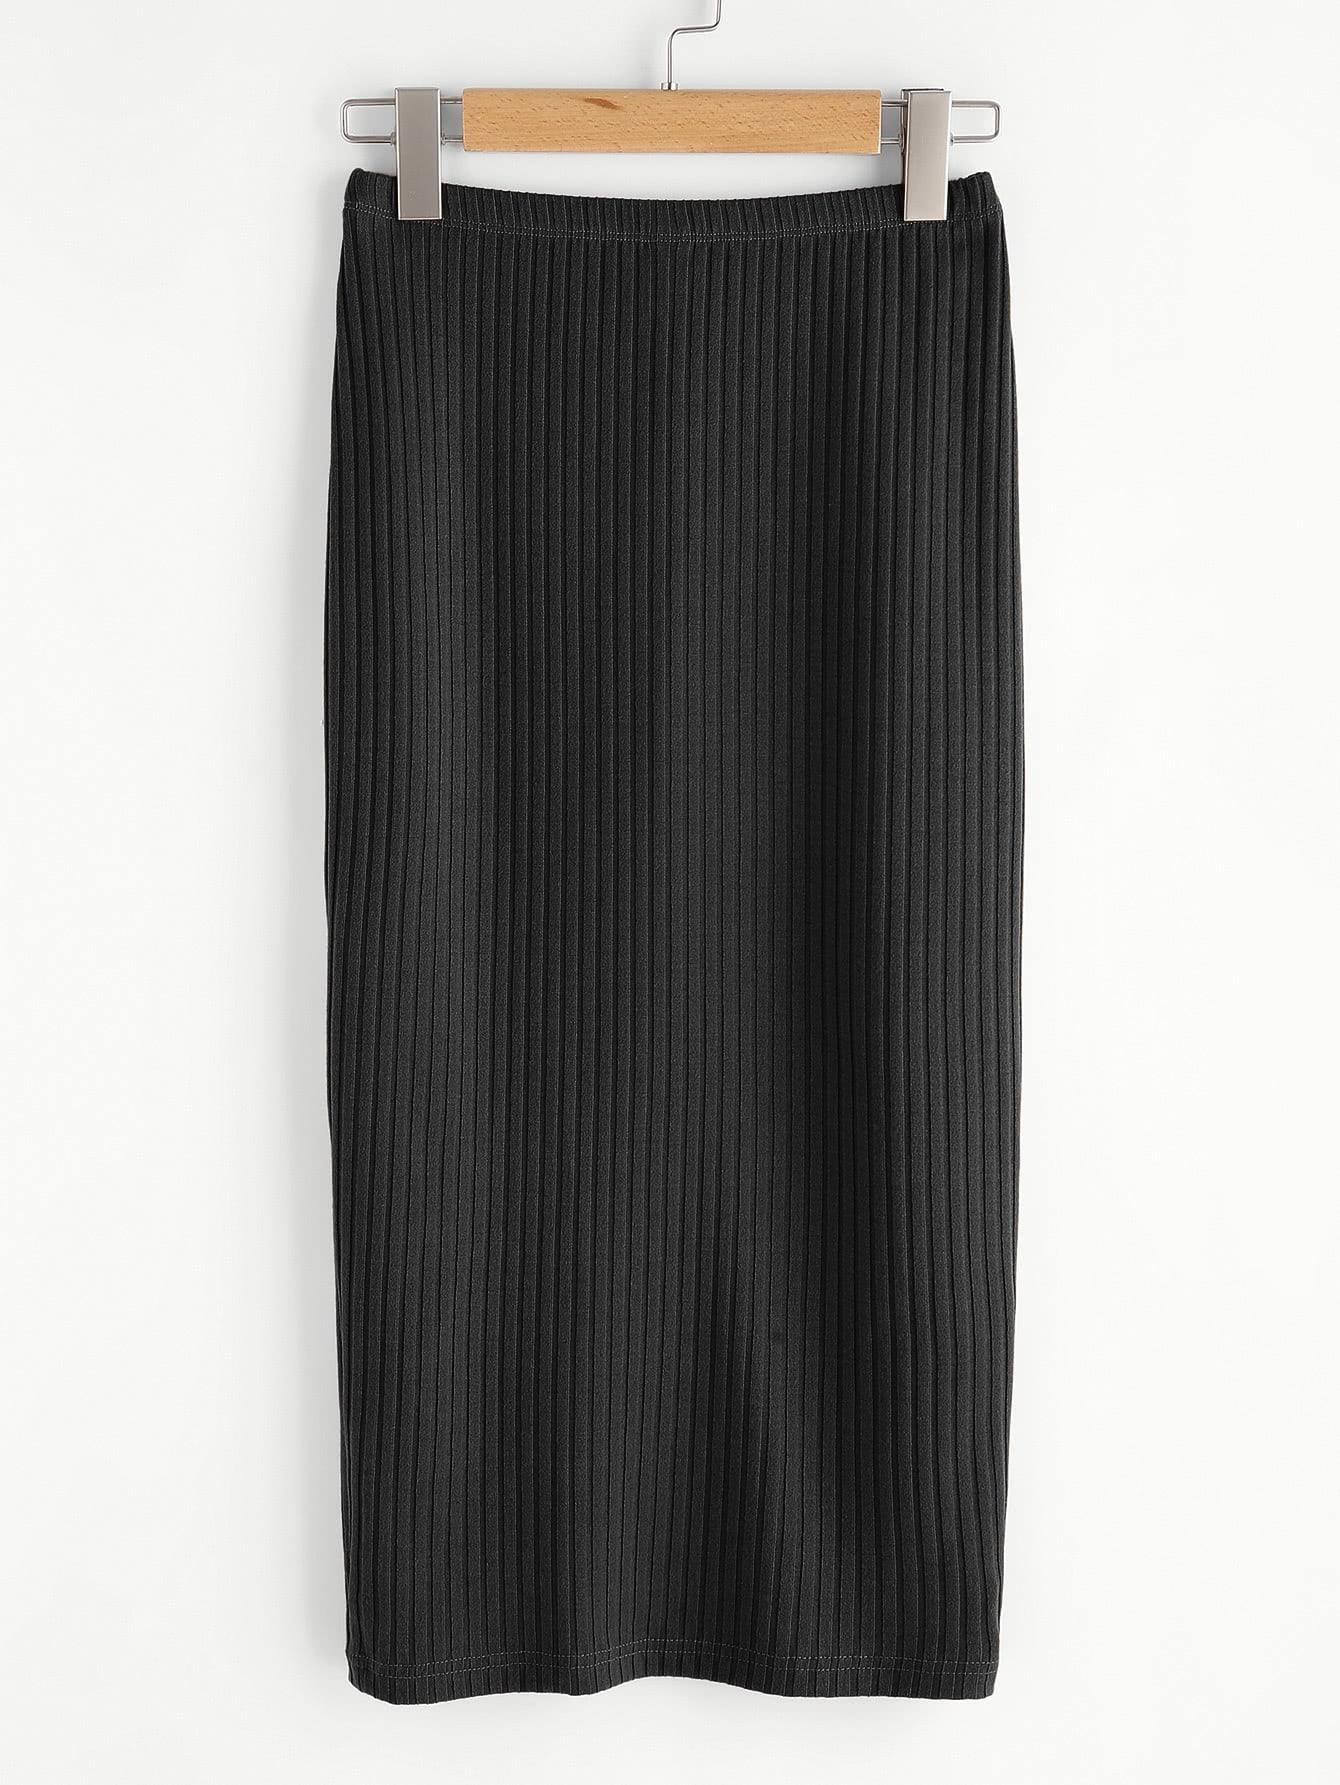 Vented Back Rib Knit Skirt rib knit tights